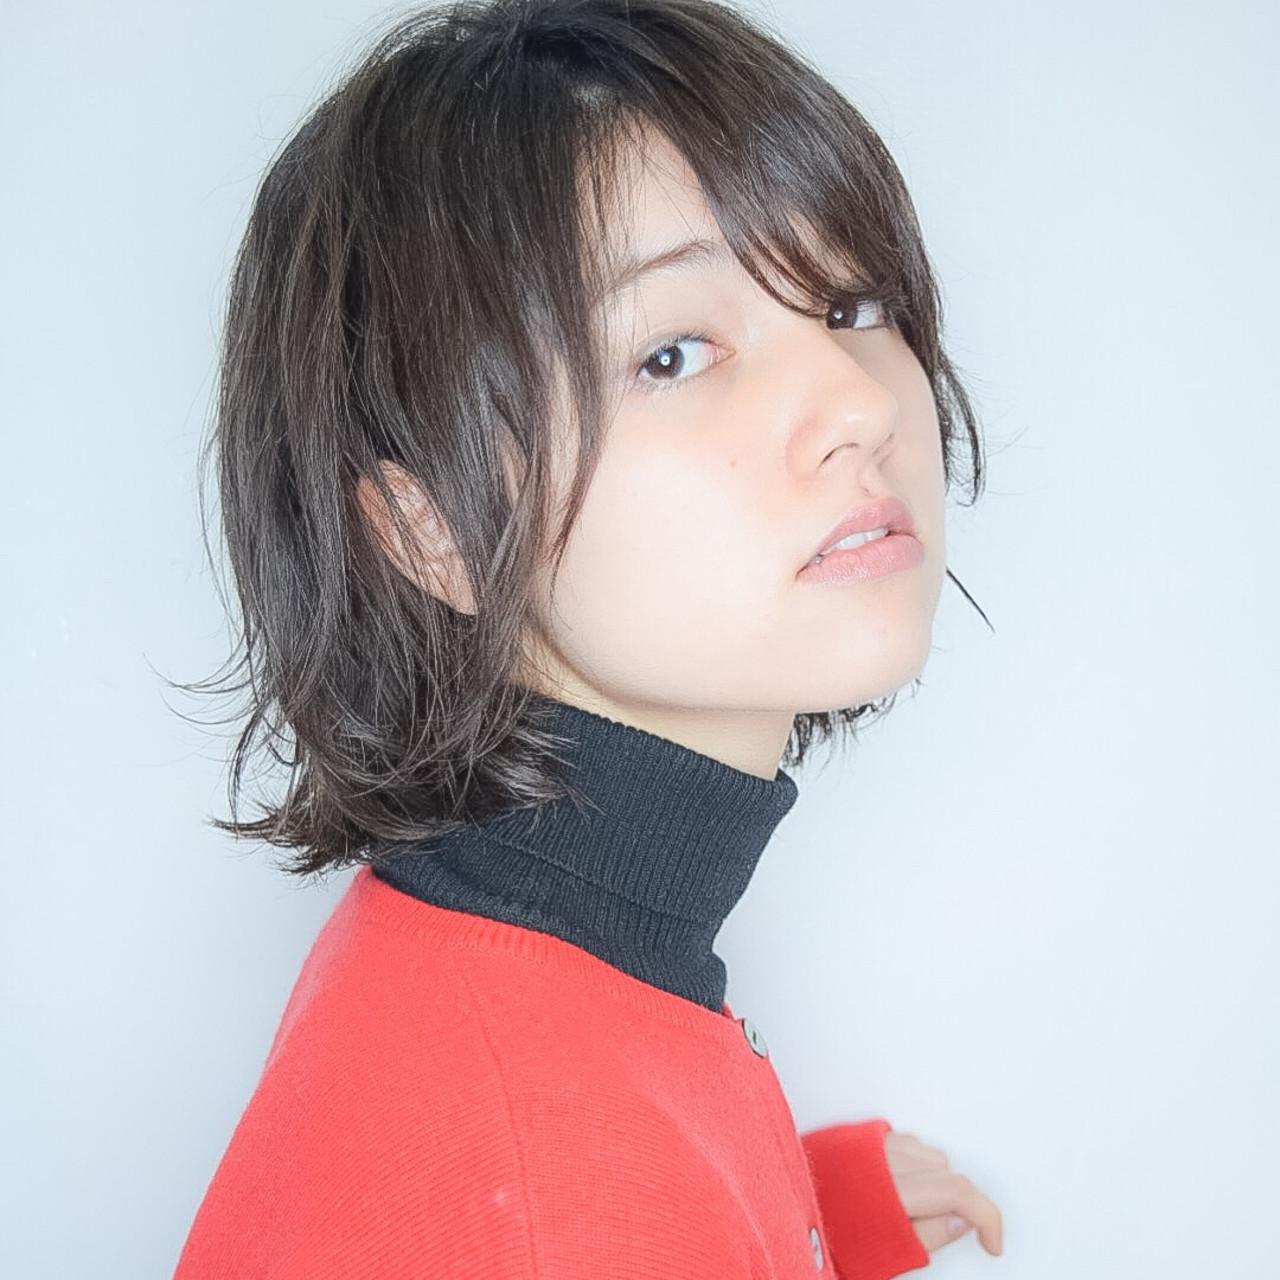 ナチュラル ショートボブ ボブ モテボブ ヘアスタイルや髪型の写真・画像 | 【素材コンシェルジュ型/ショートの極】川島佑一 / Lounge×morio ikebukuro